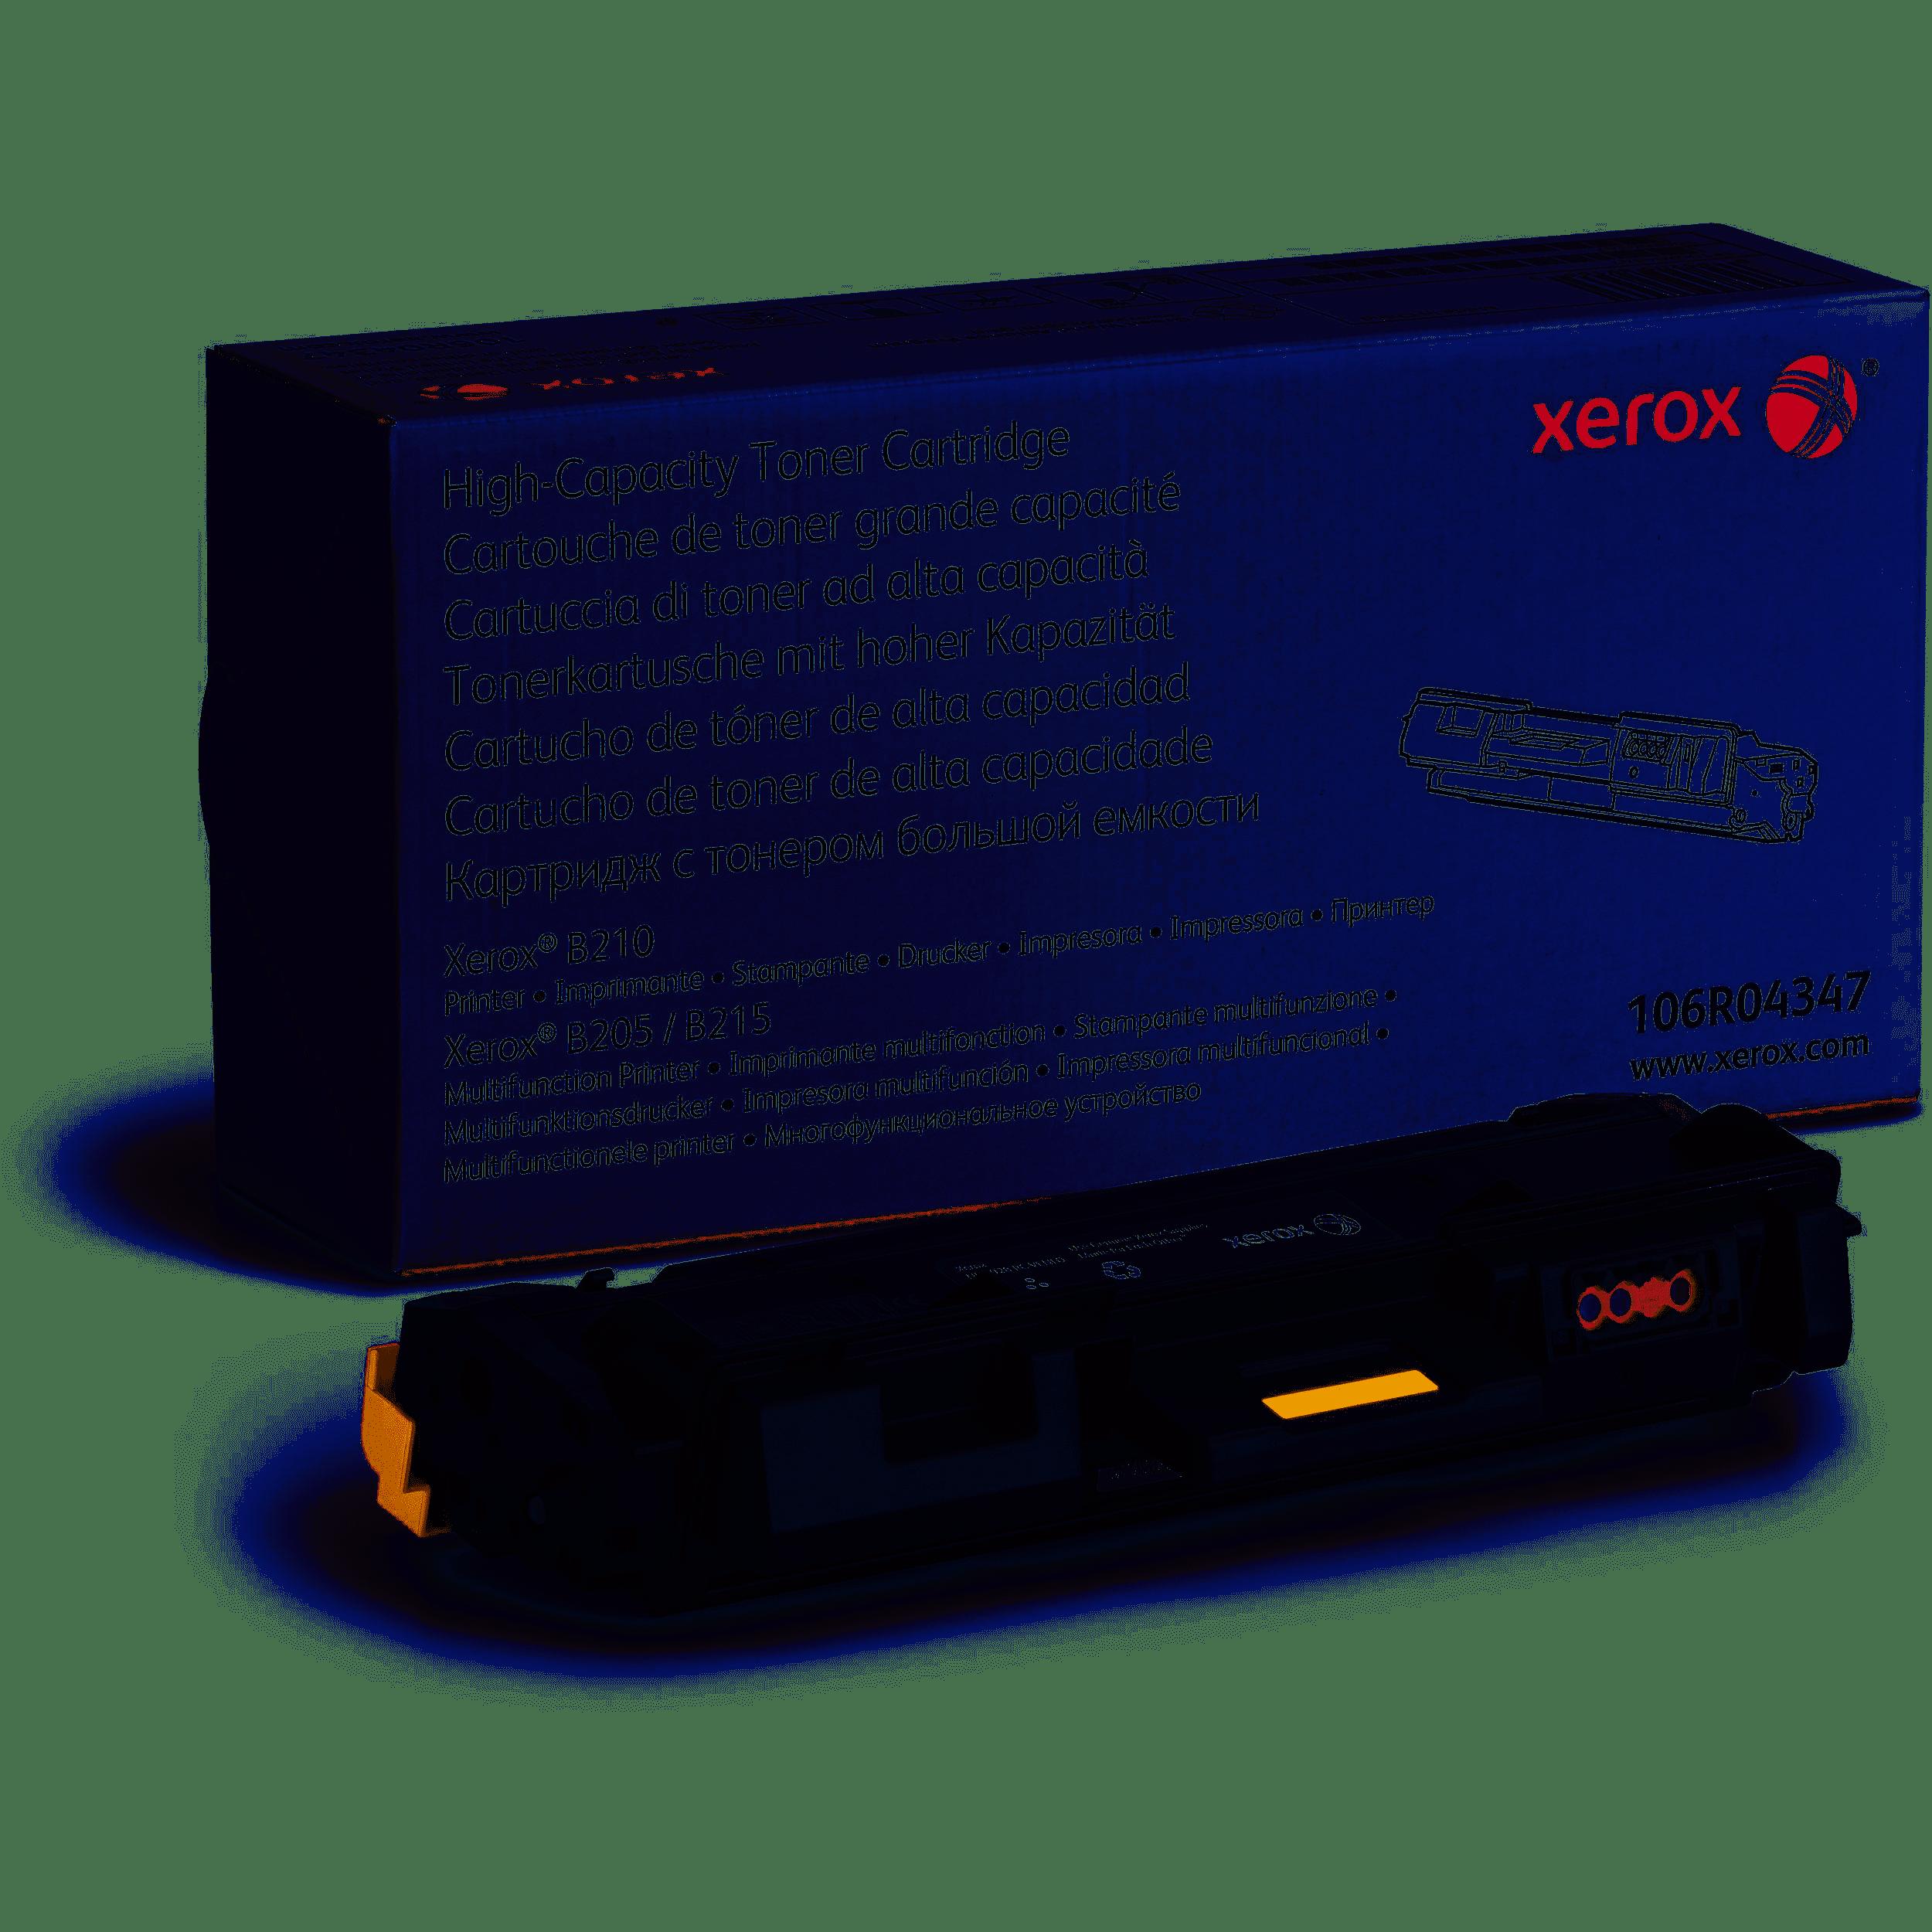 XEROX B210 PRTR B205/B215 MFP HY 3000PG